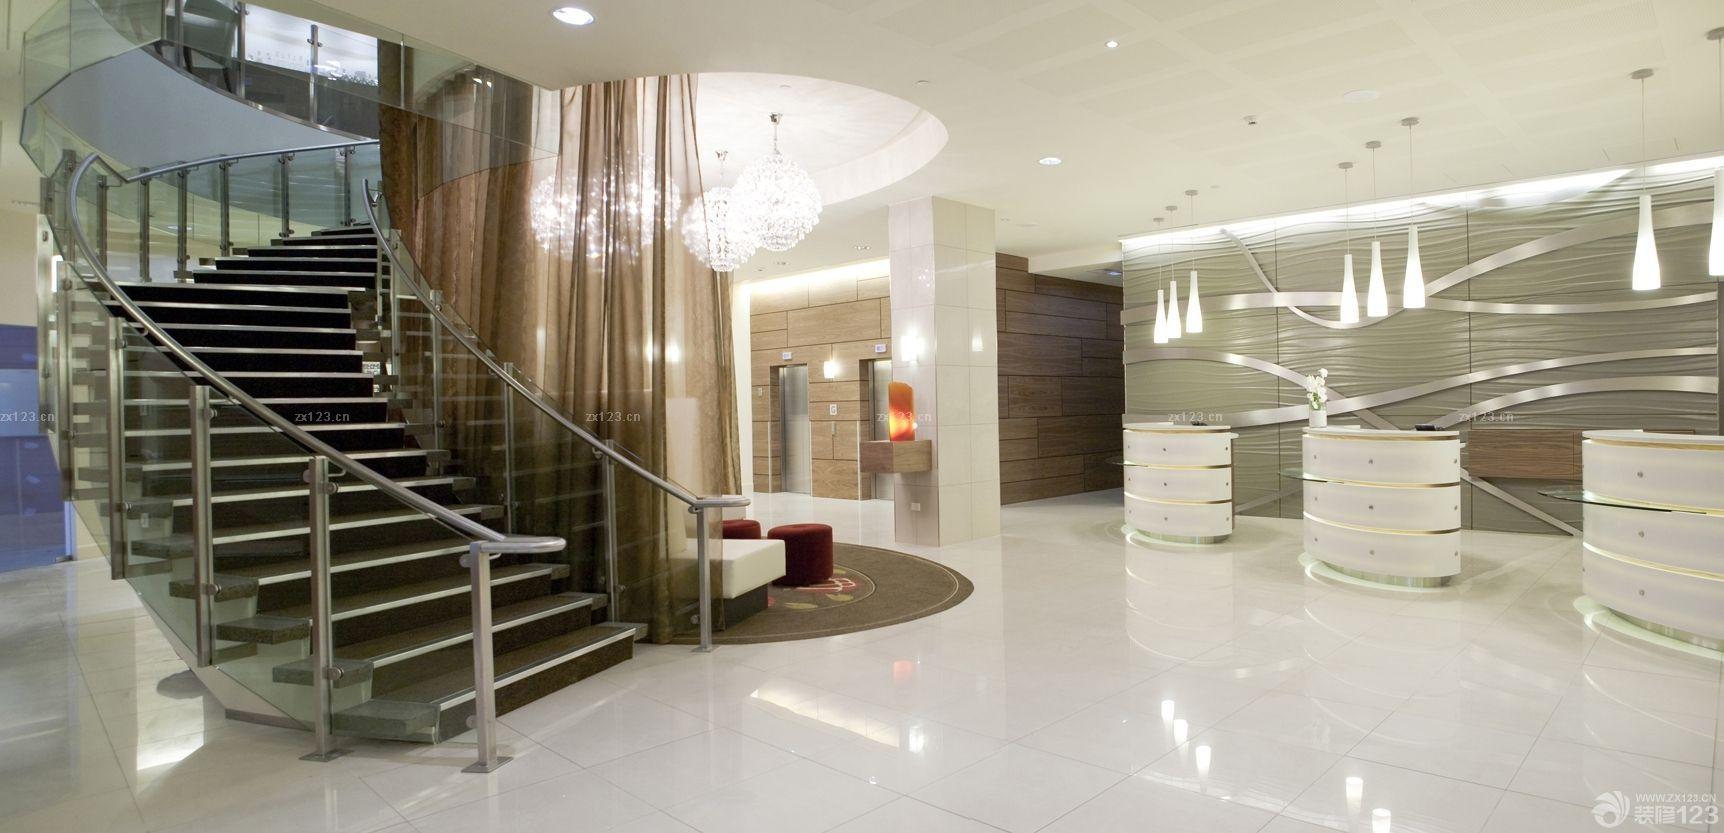 最新快捷酒店大堂旋转楼梯装修实景图欣赏